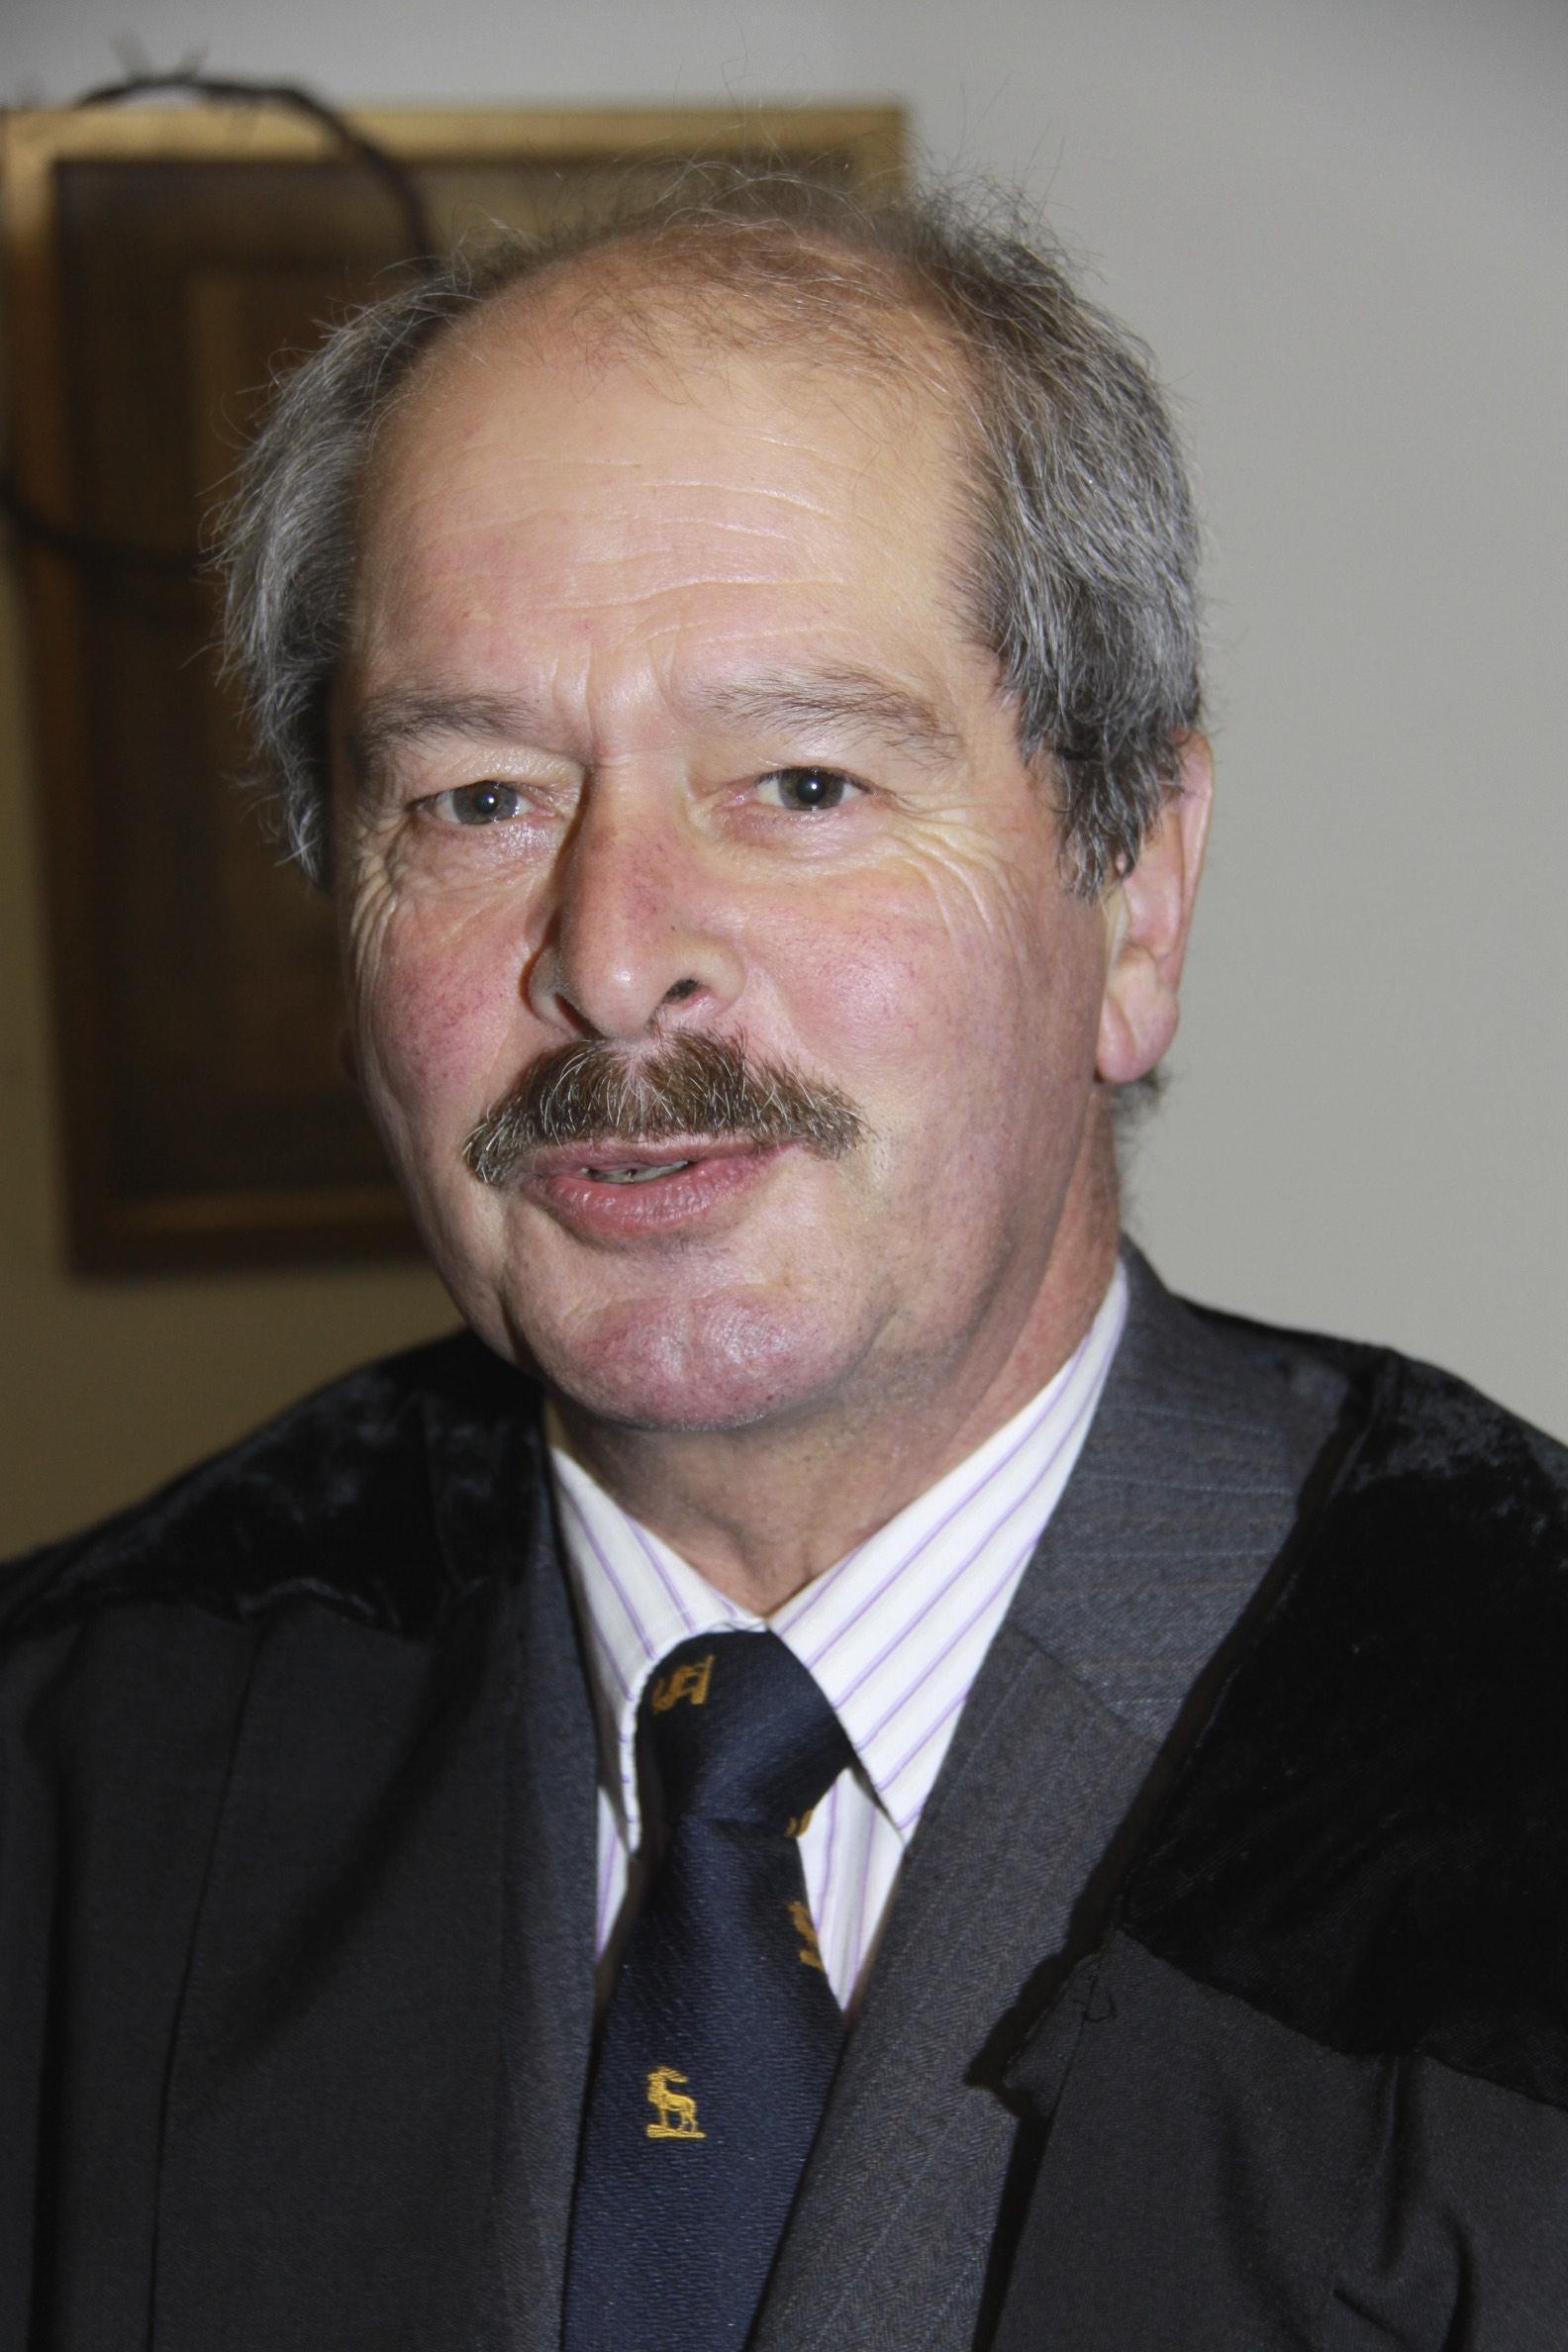 John Jermyn, Diocesan Registrar